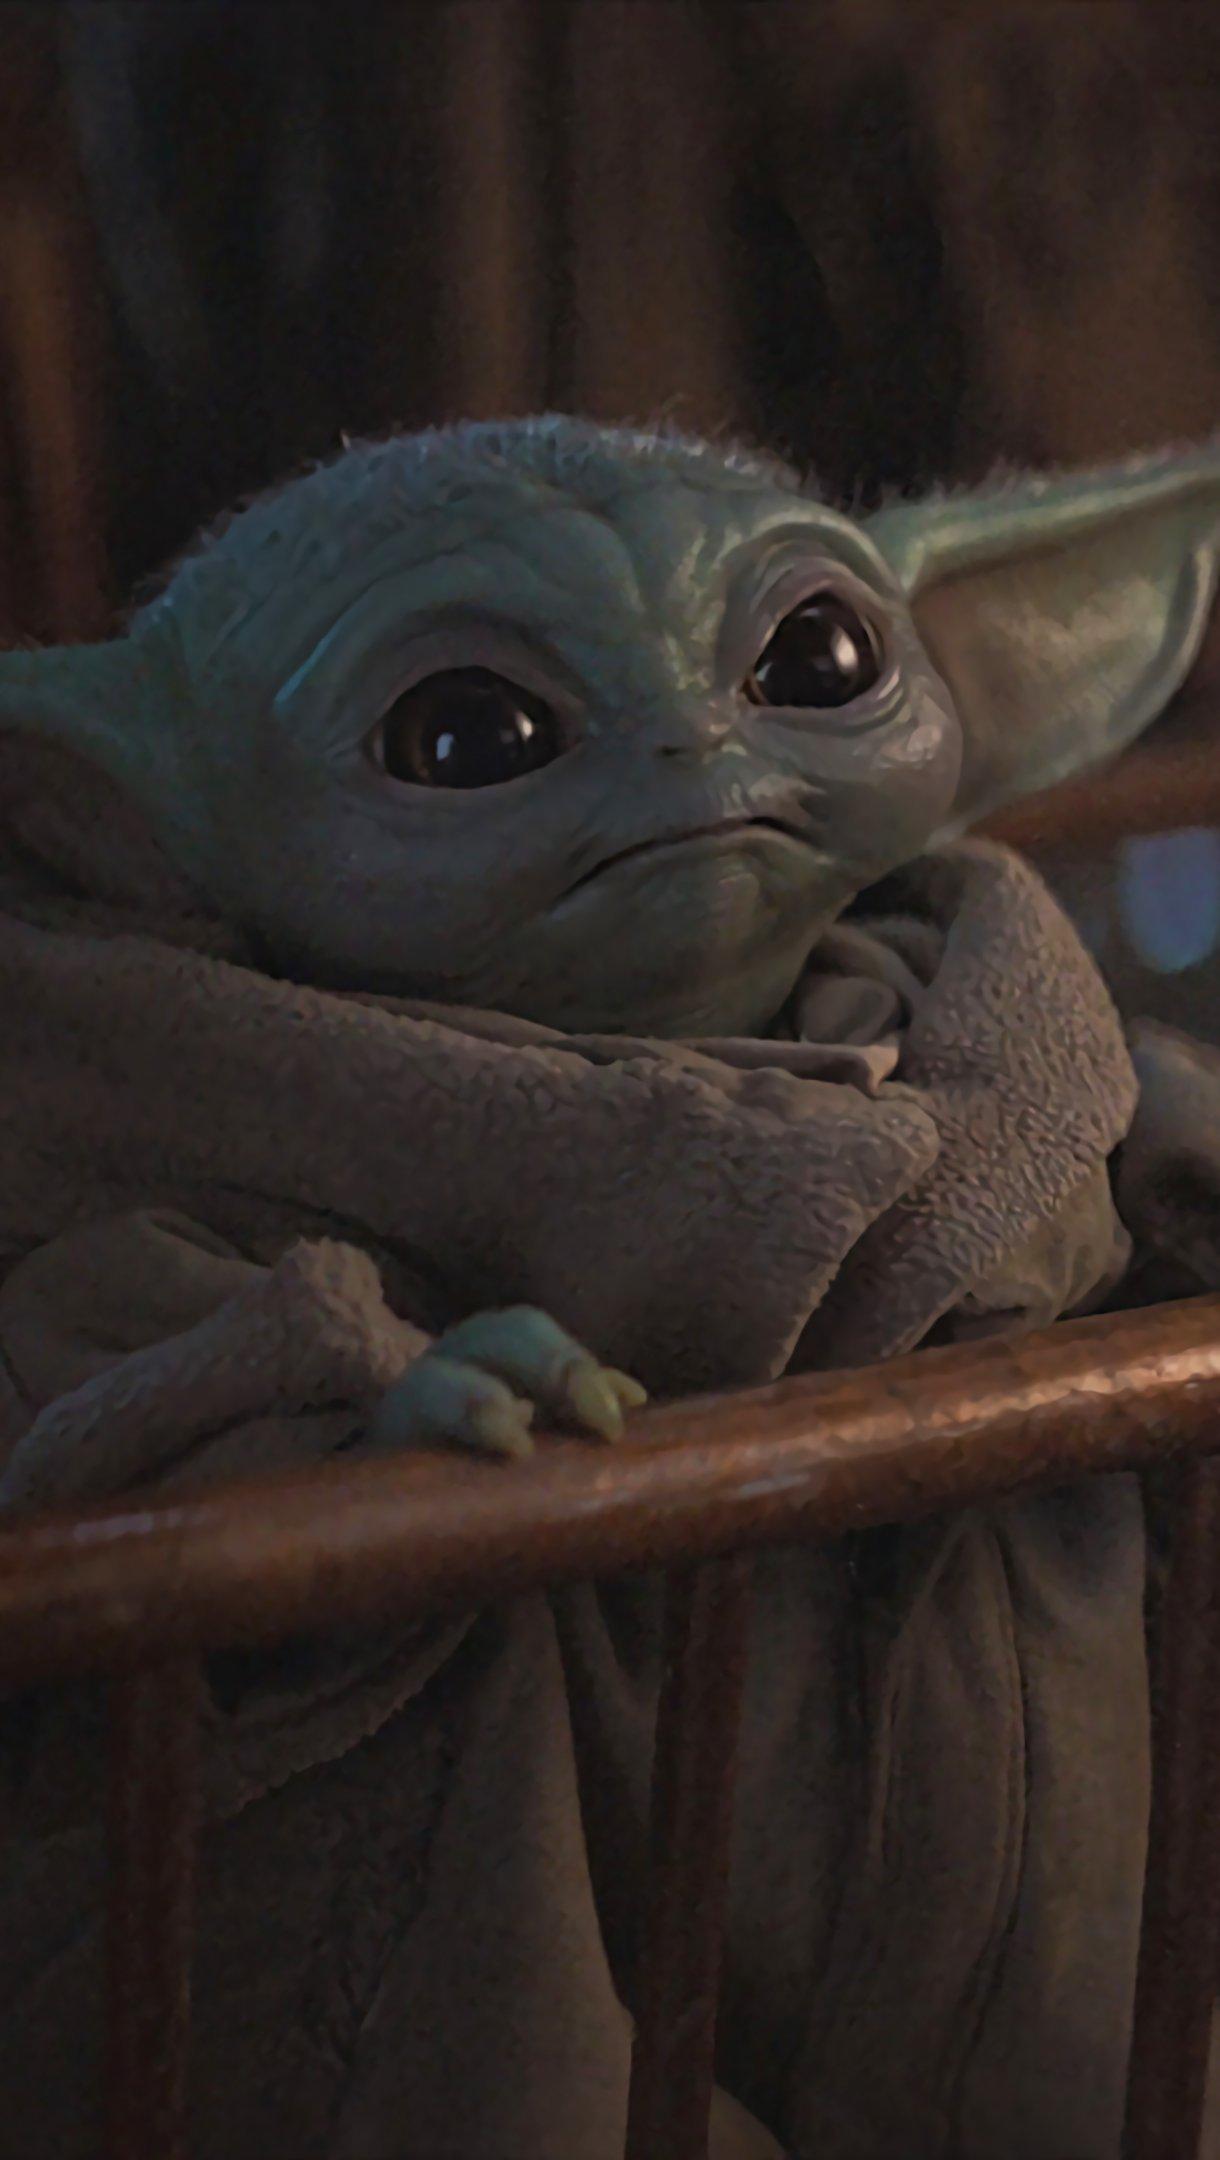 Fondos de pantalla Baby Yoda en El Mandaloriano Vertical